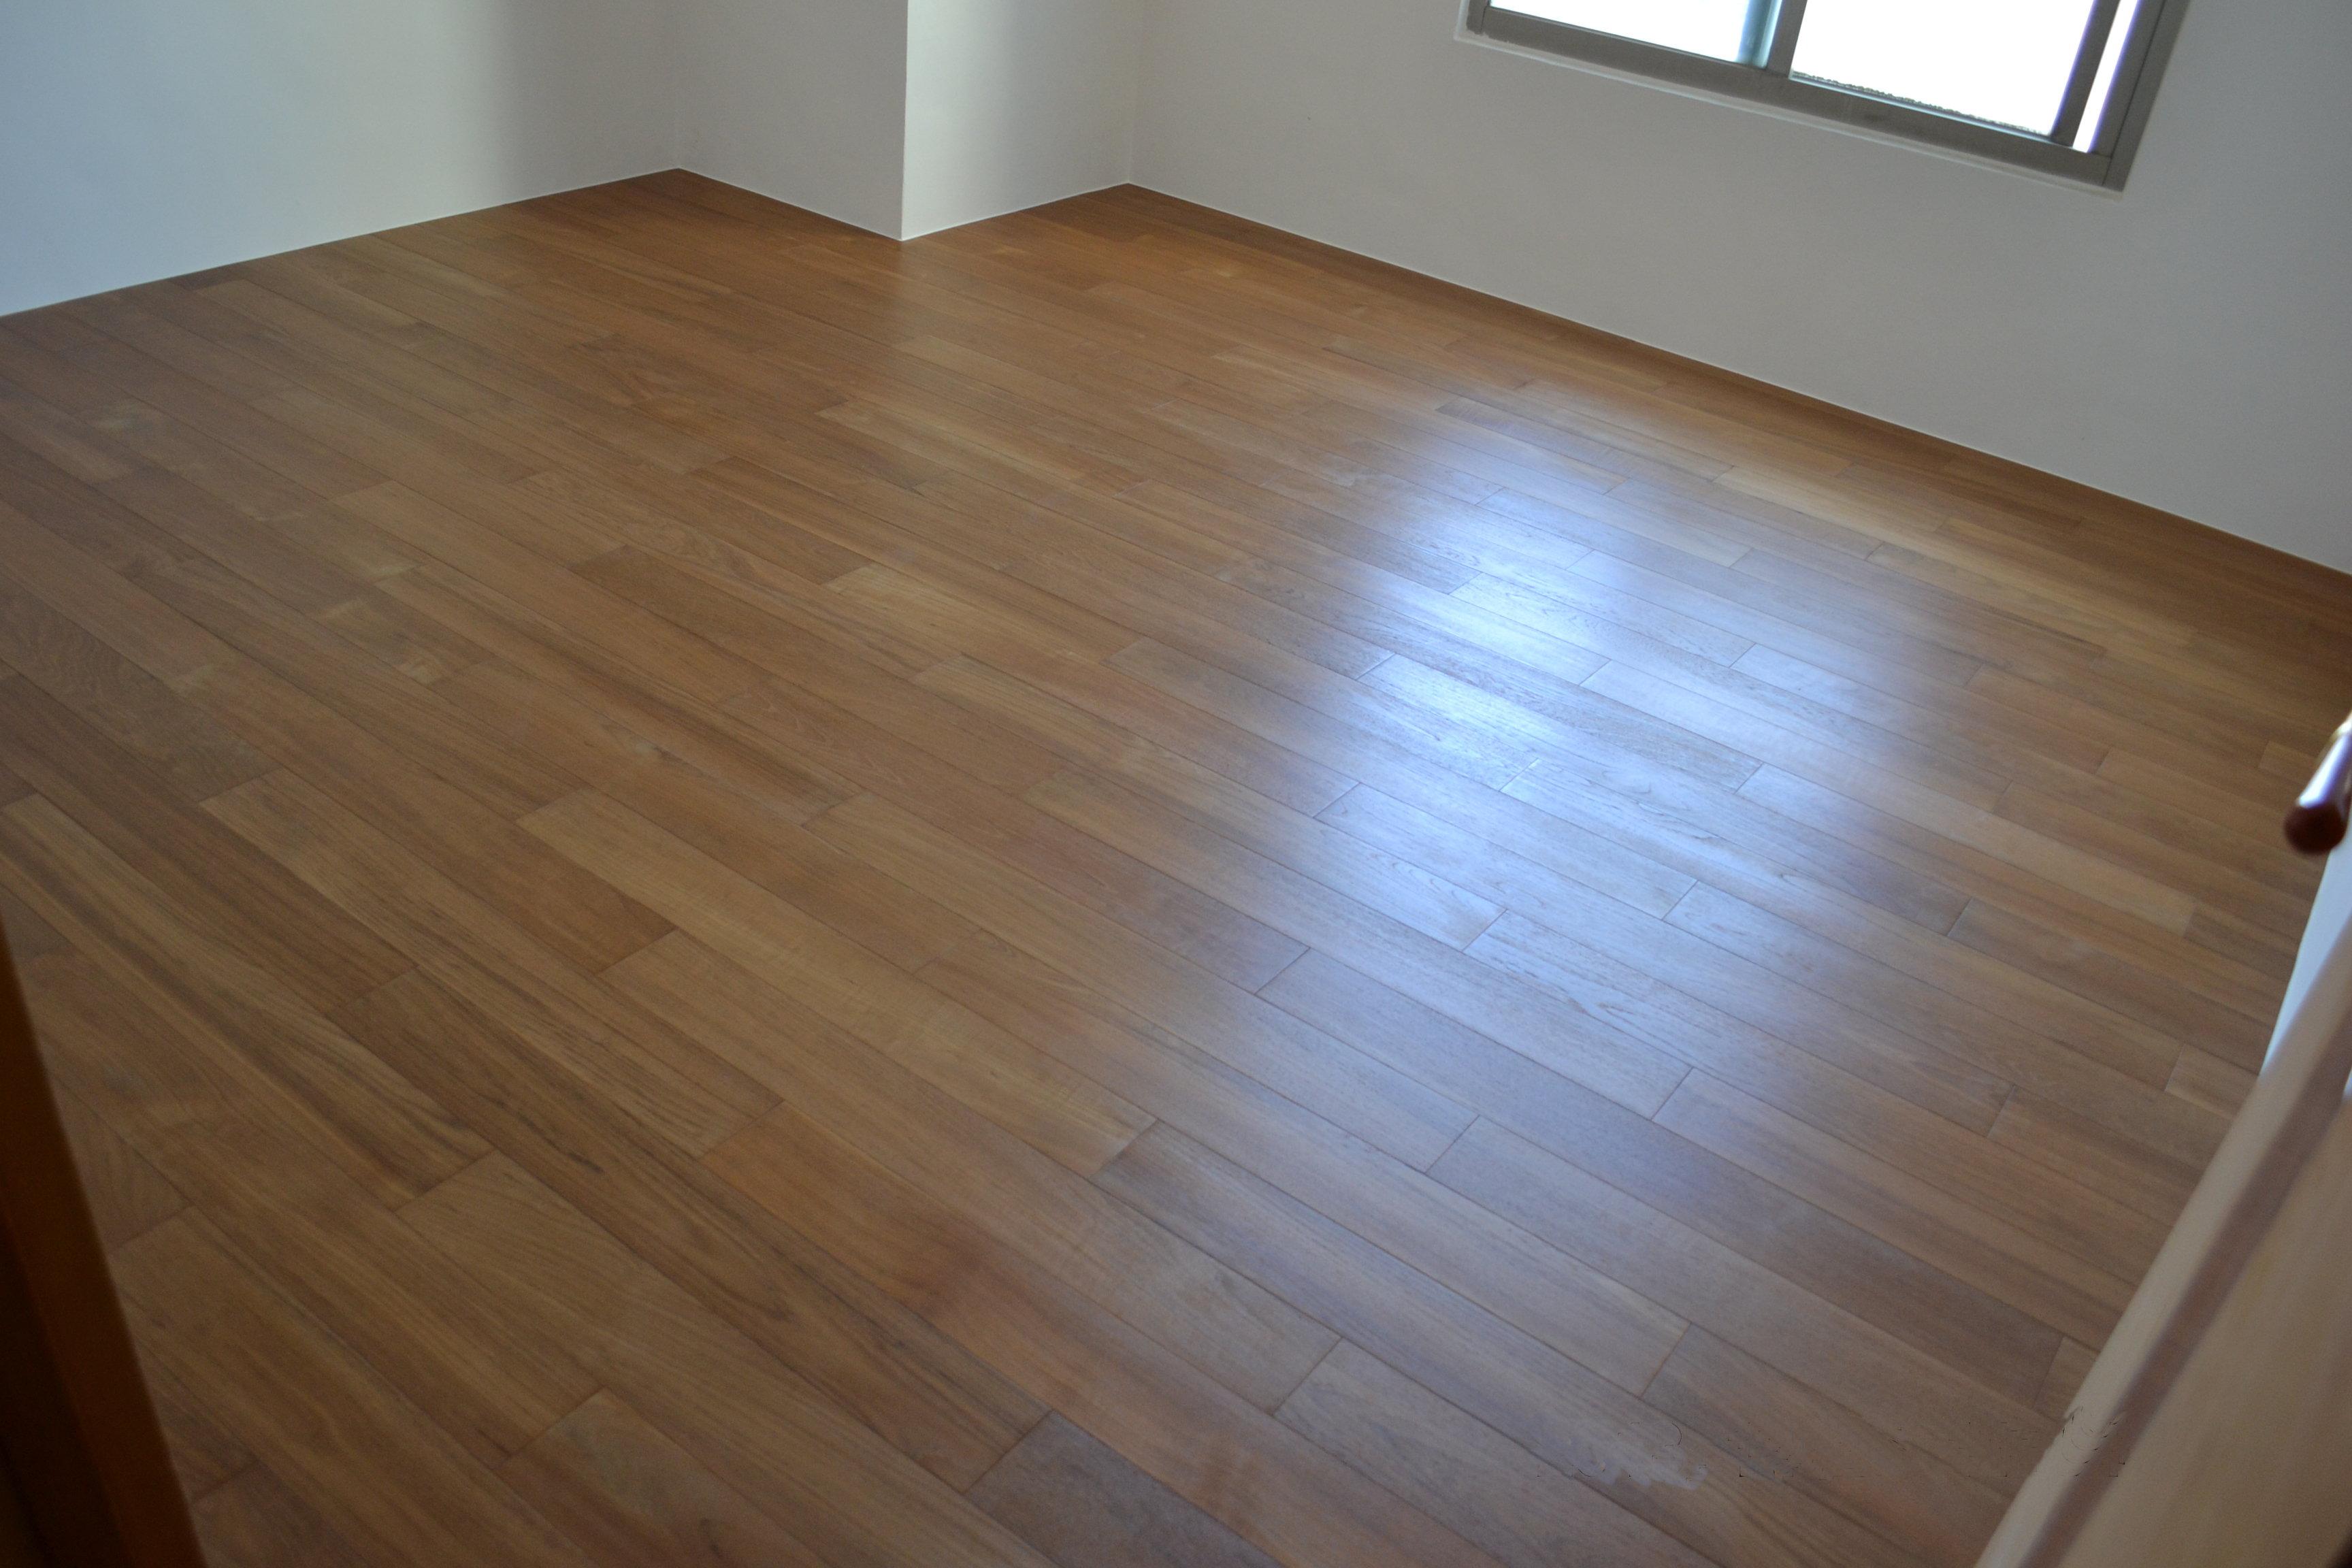 新原古-緬甸柚木實木地板4寸6分